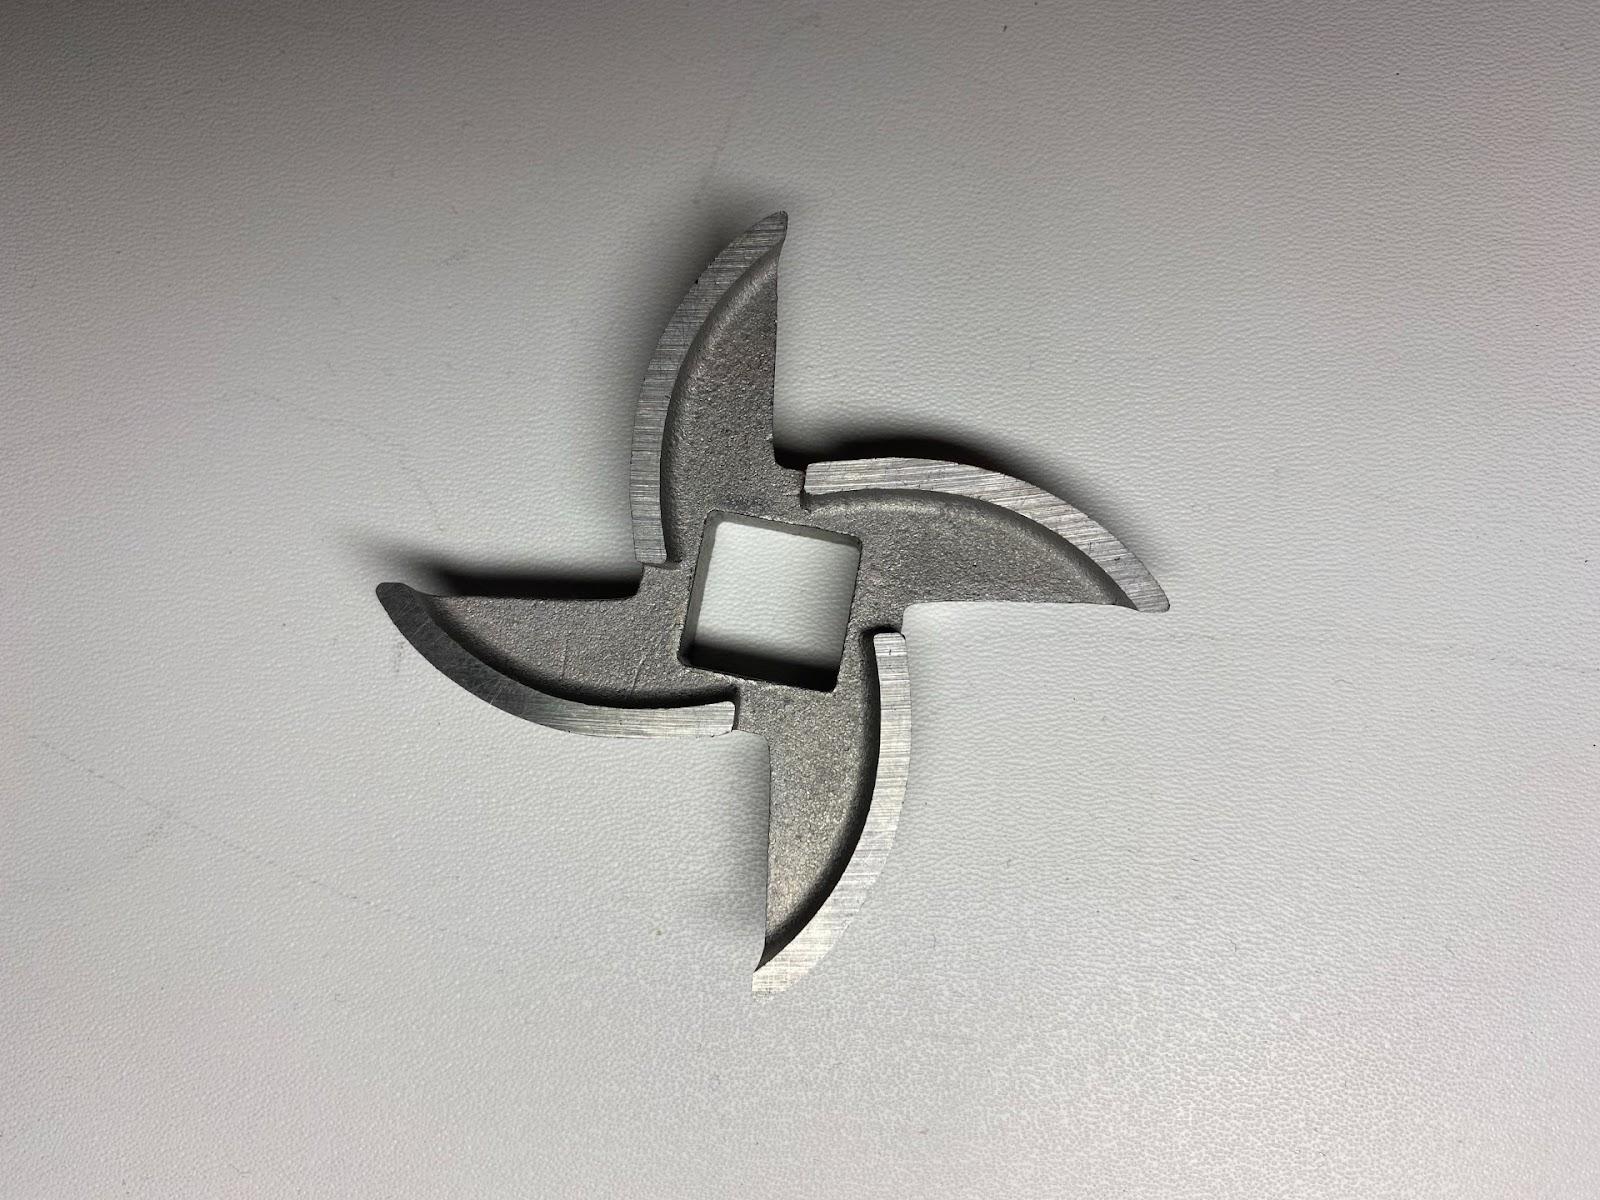 Мясорубка  Wollmer M901: серповидный нож